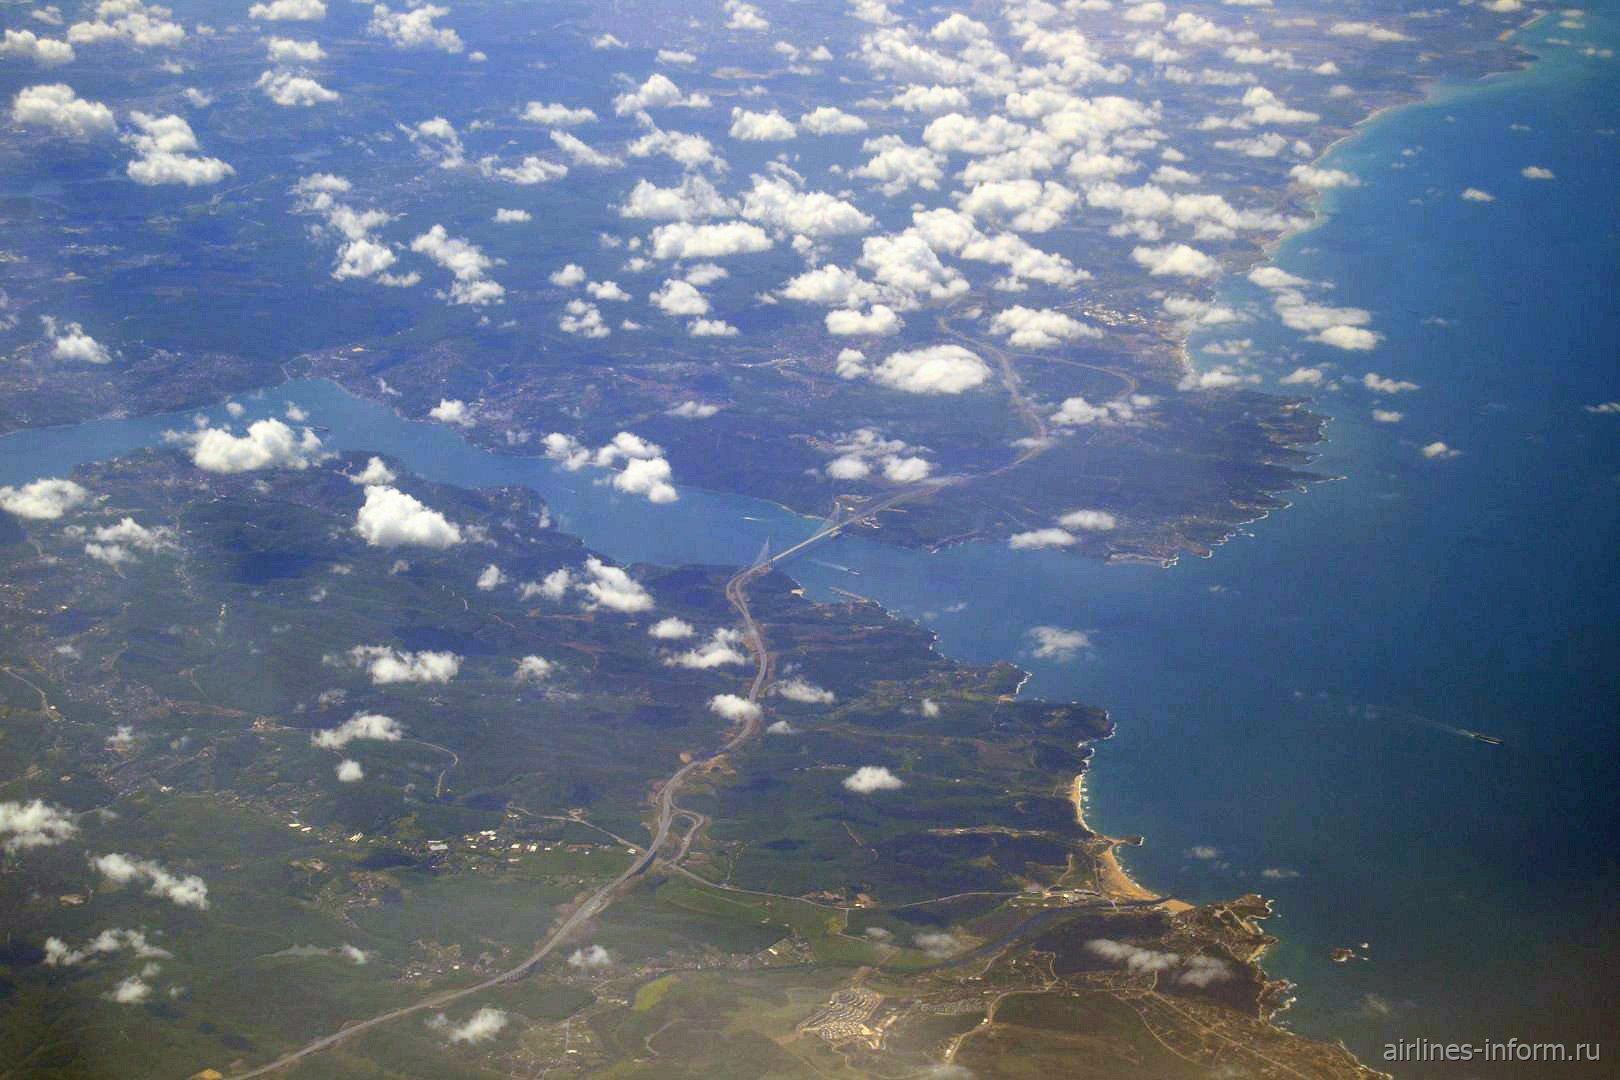 Третий мост через пролив Босфор - Мост Султана Селима Явуза, и выход в Черное море.